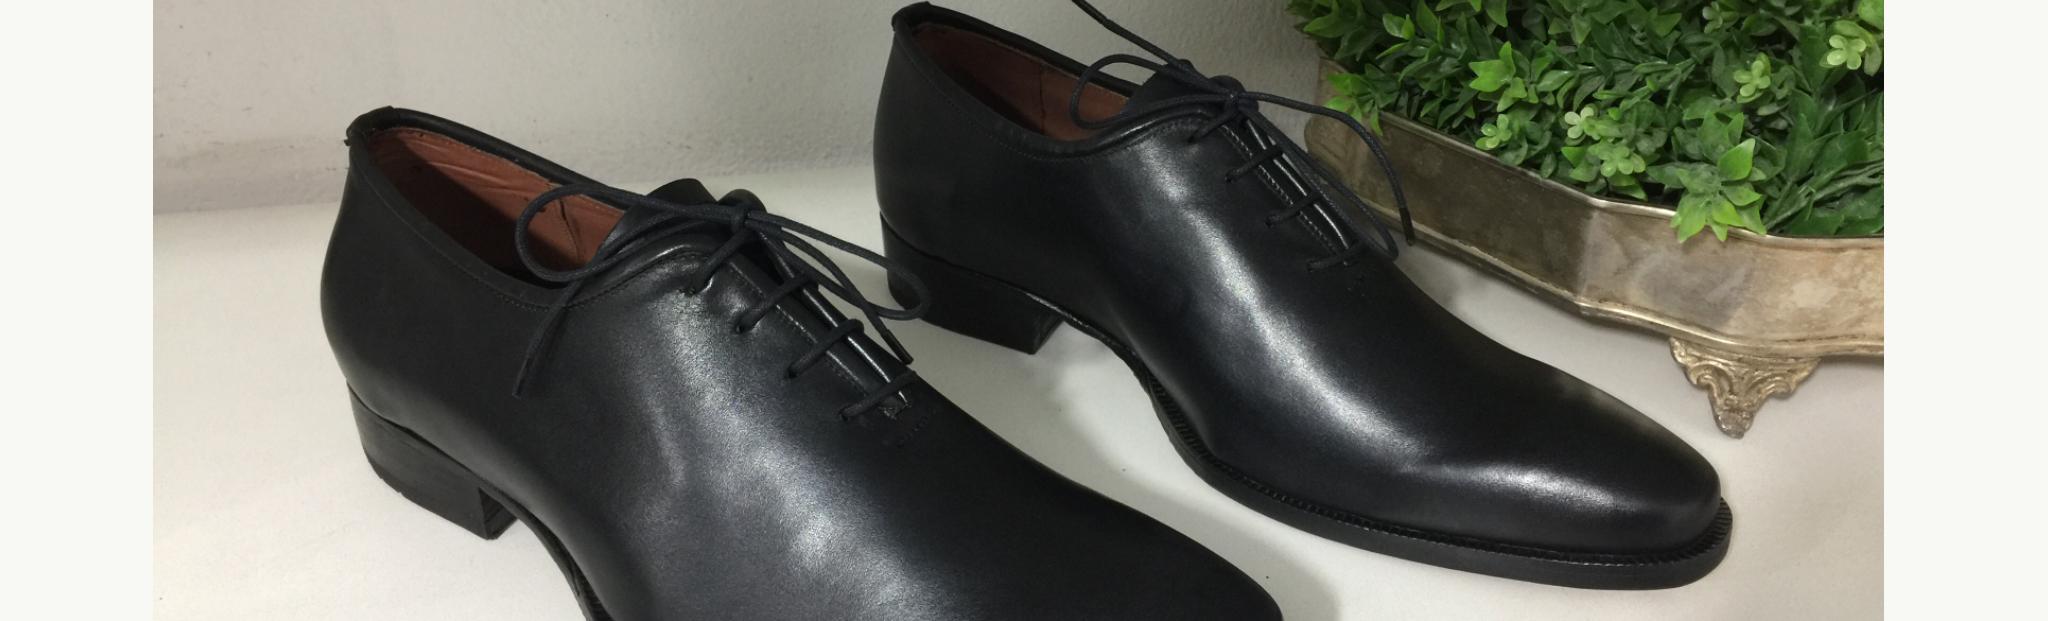 Sapato masculino de couro feito à mão Oxford Mauro E. Marchi